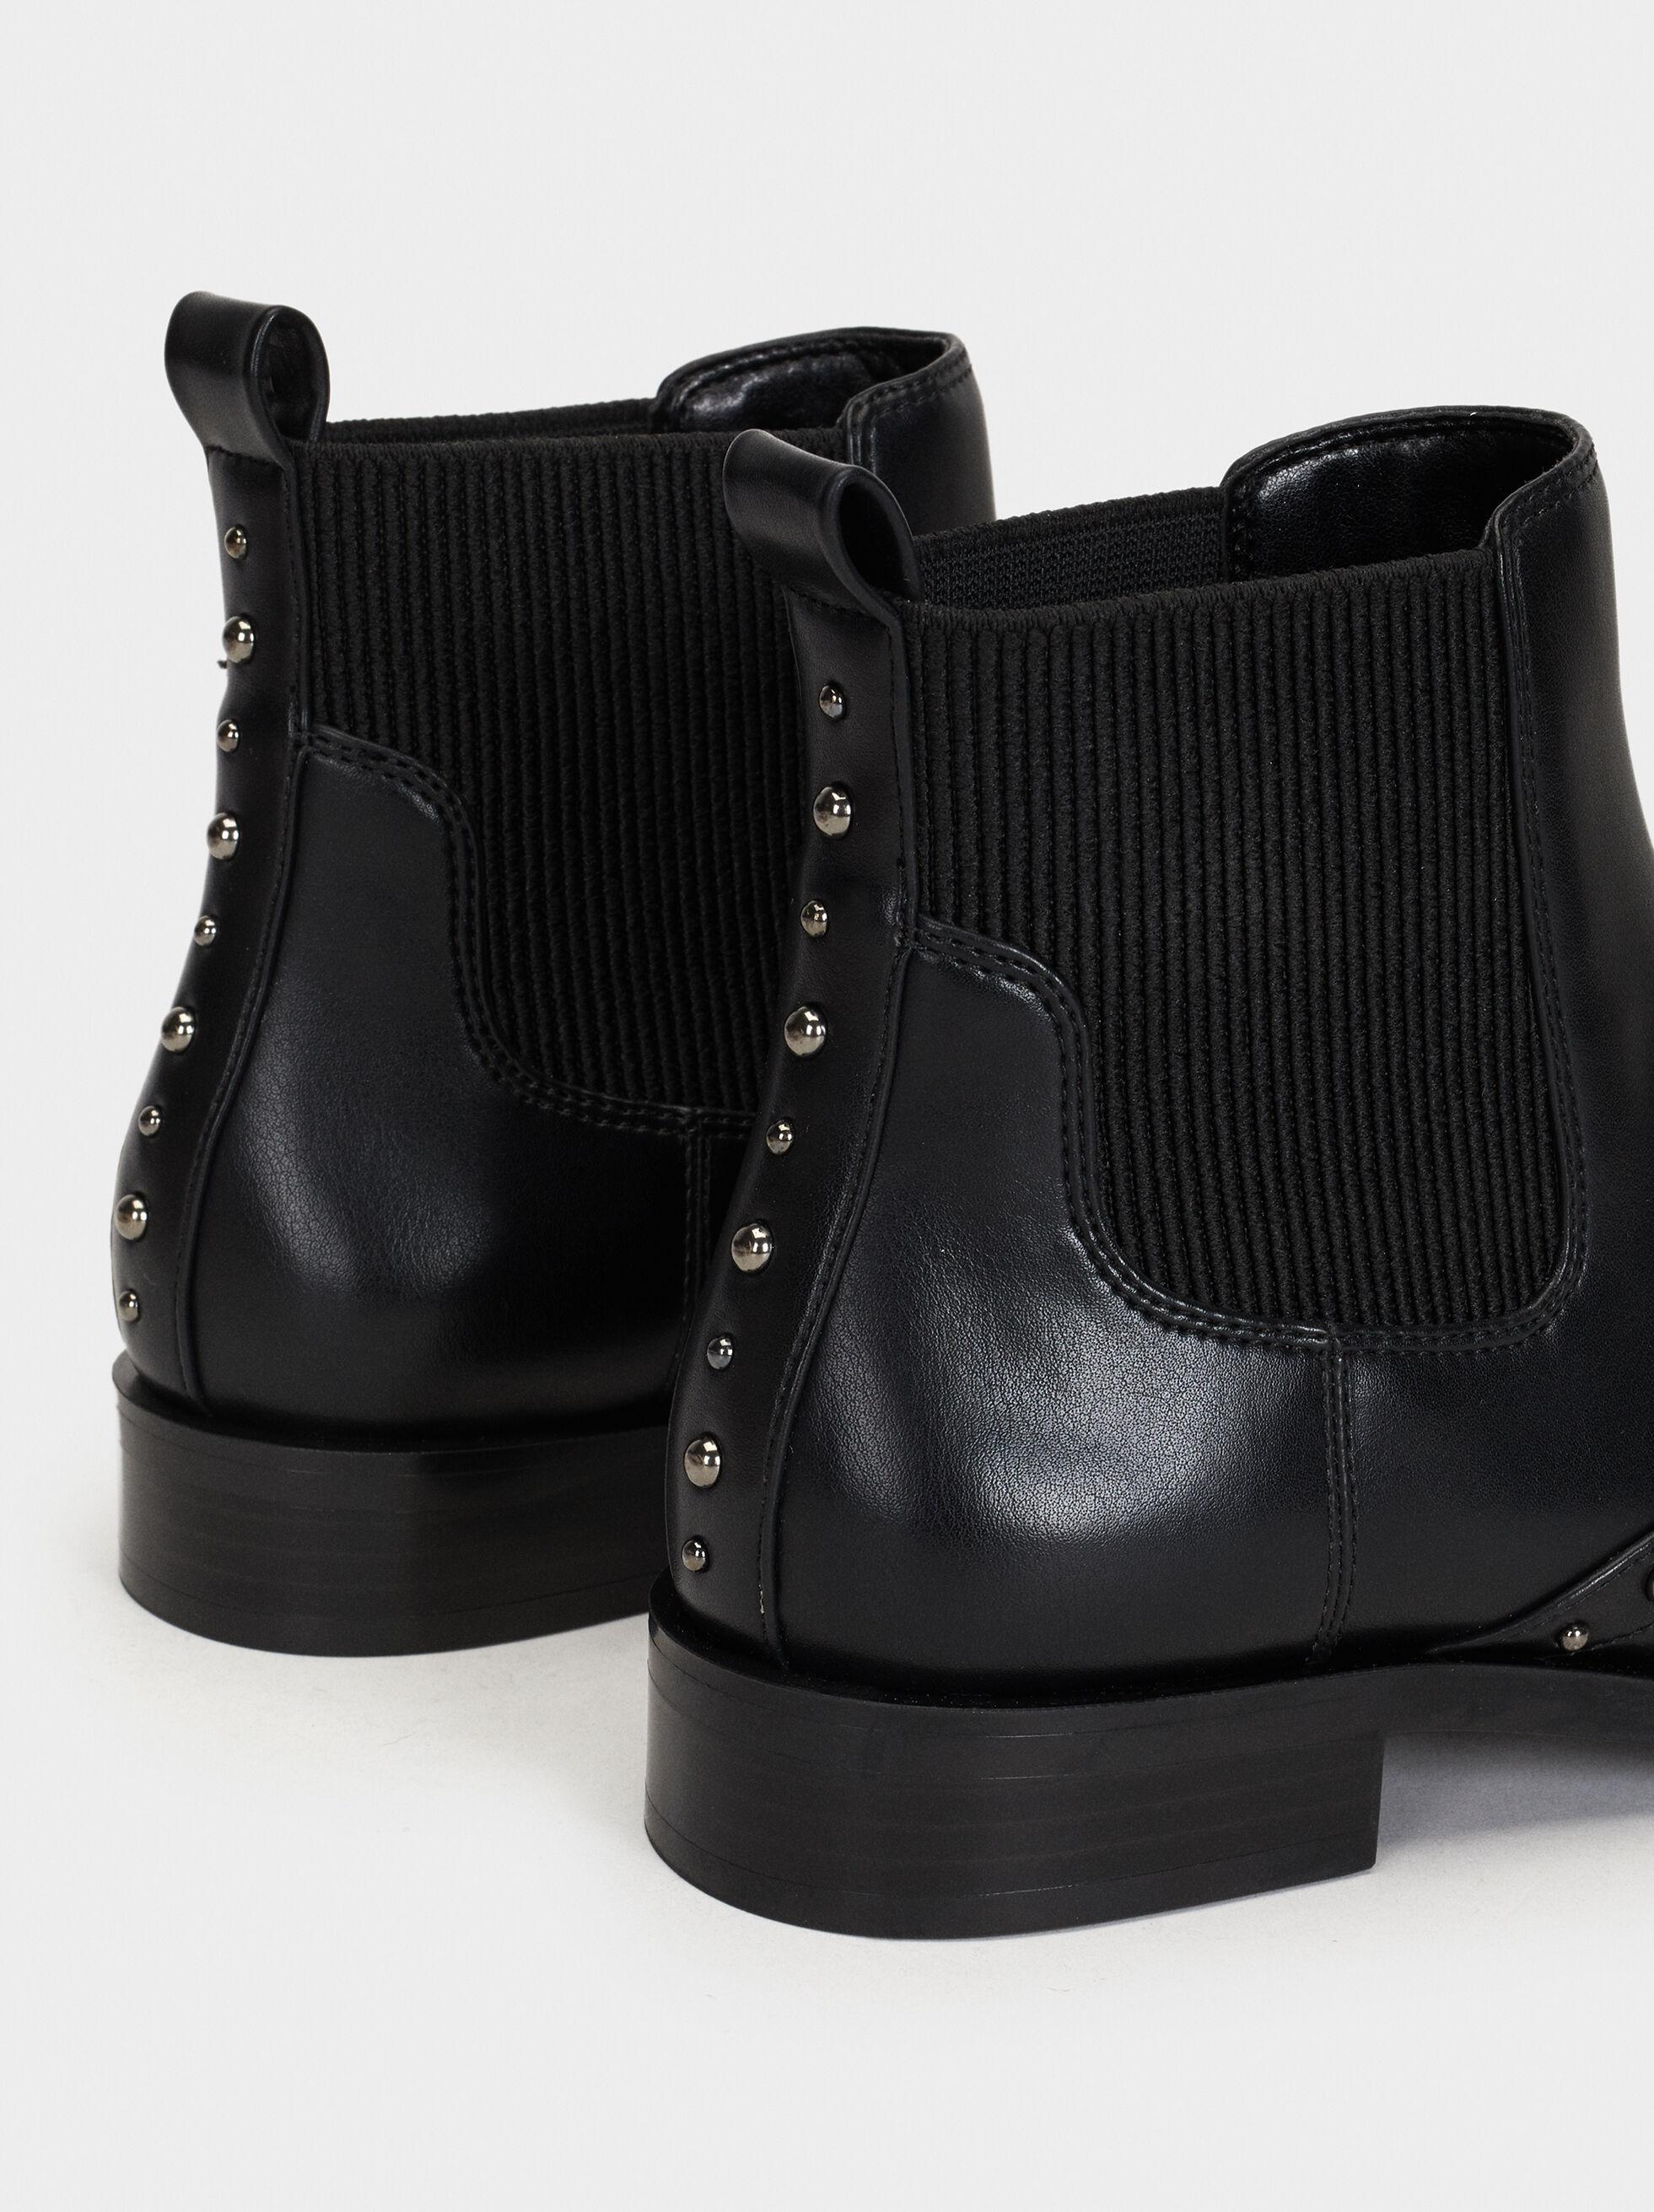 Studded Ankle Boots, Black, hi-res